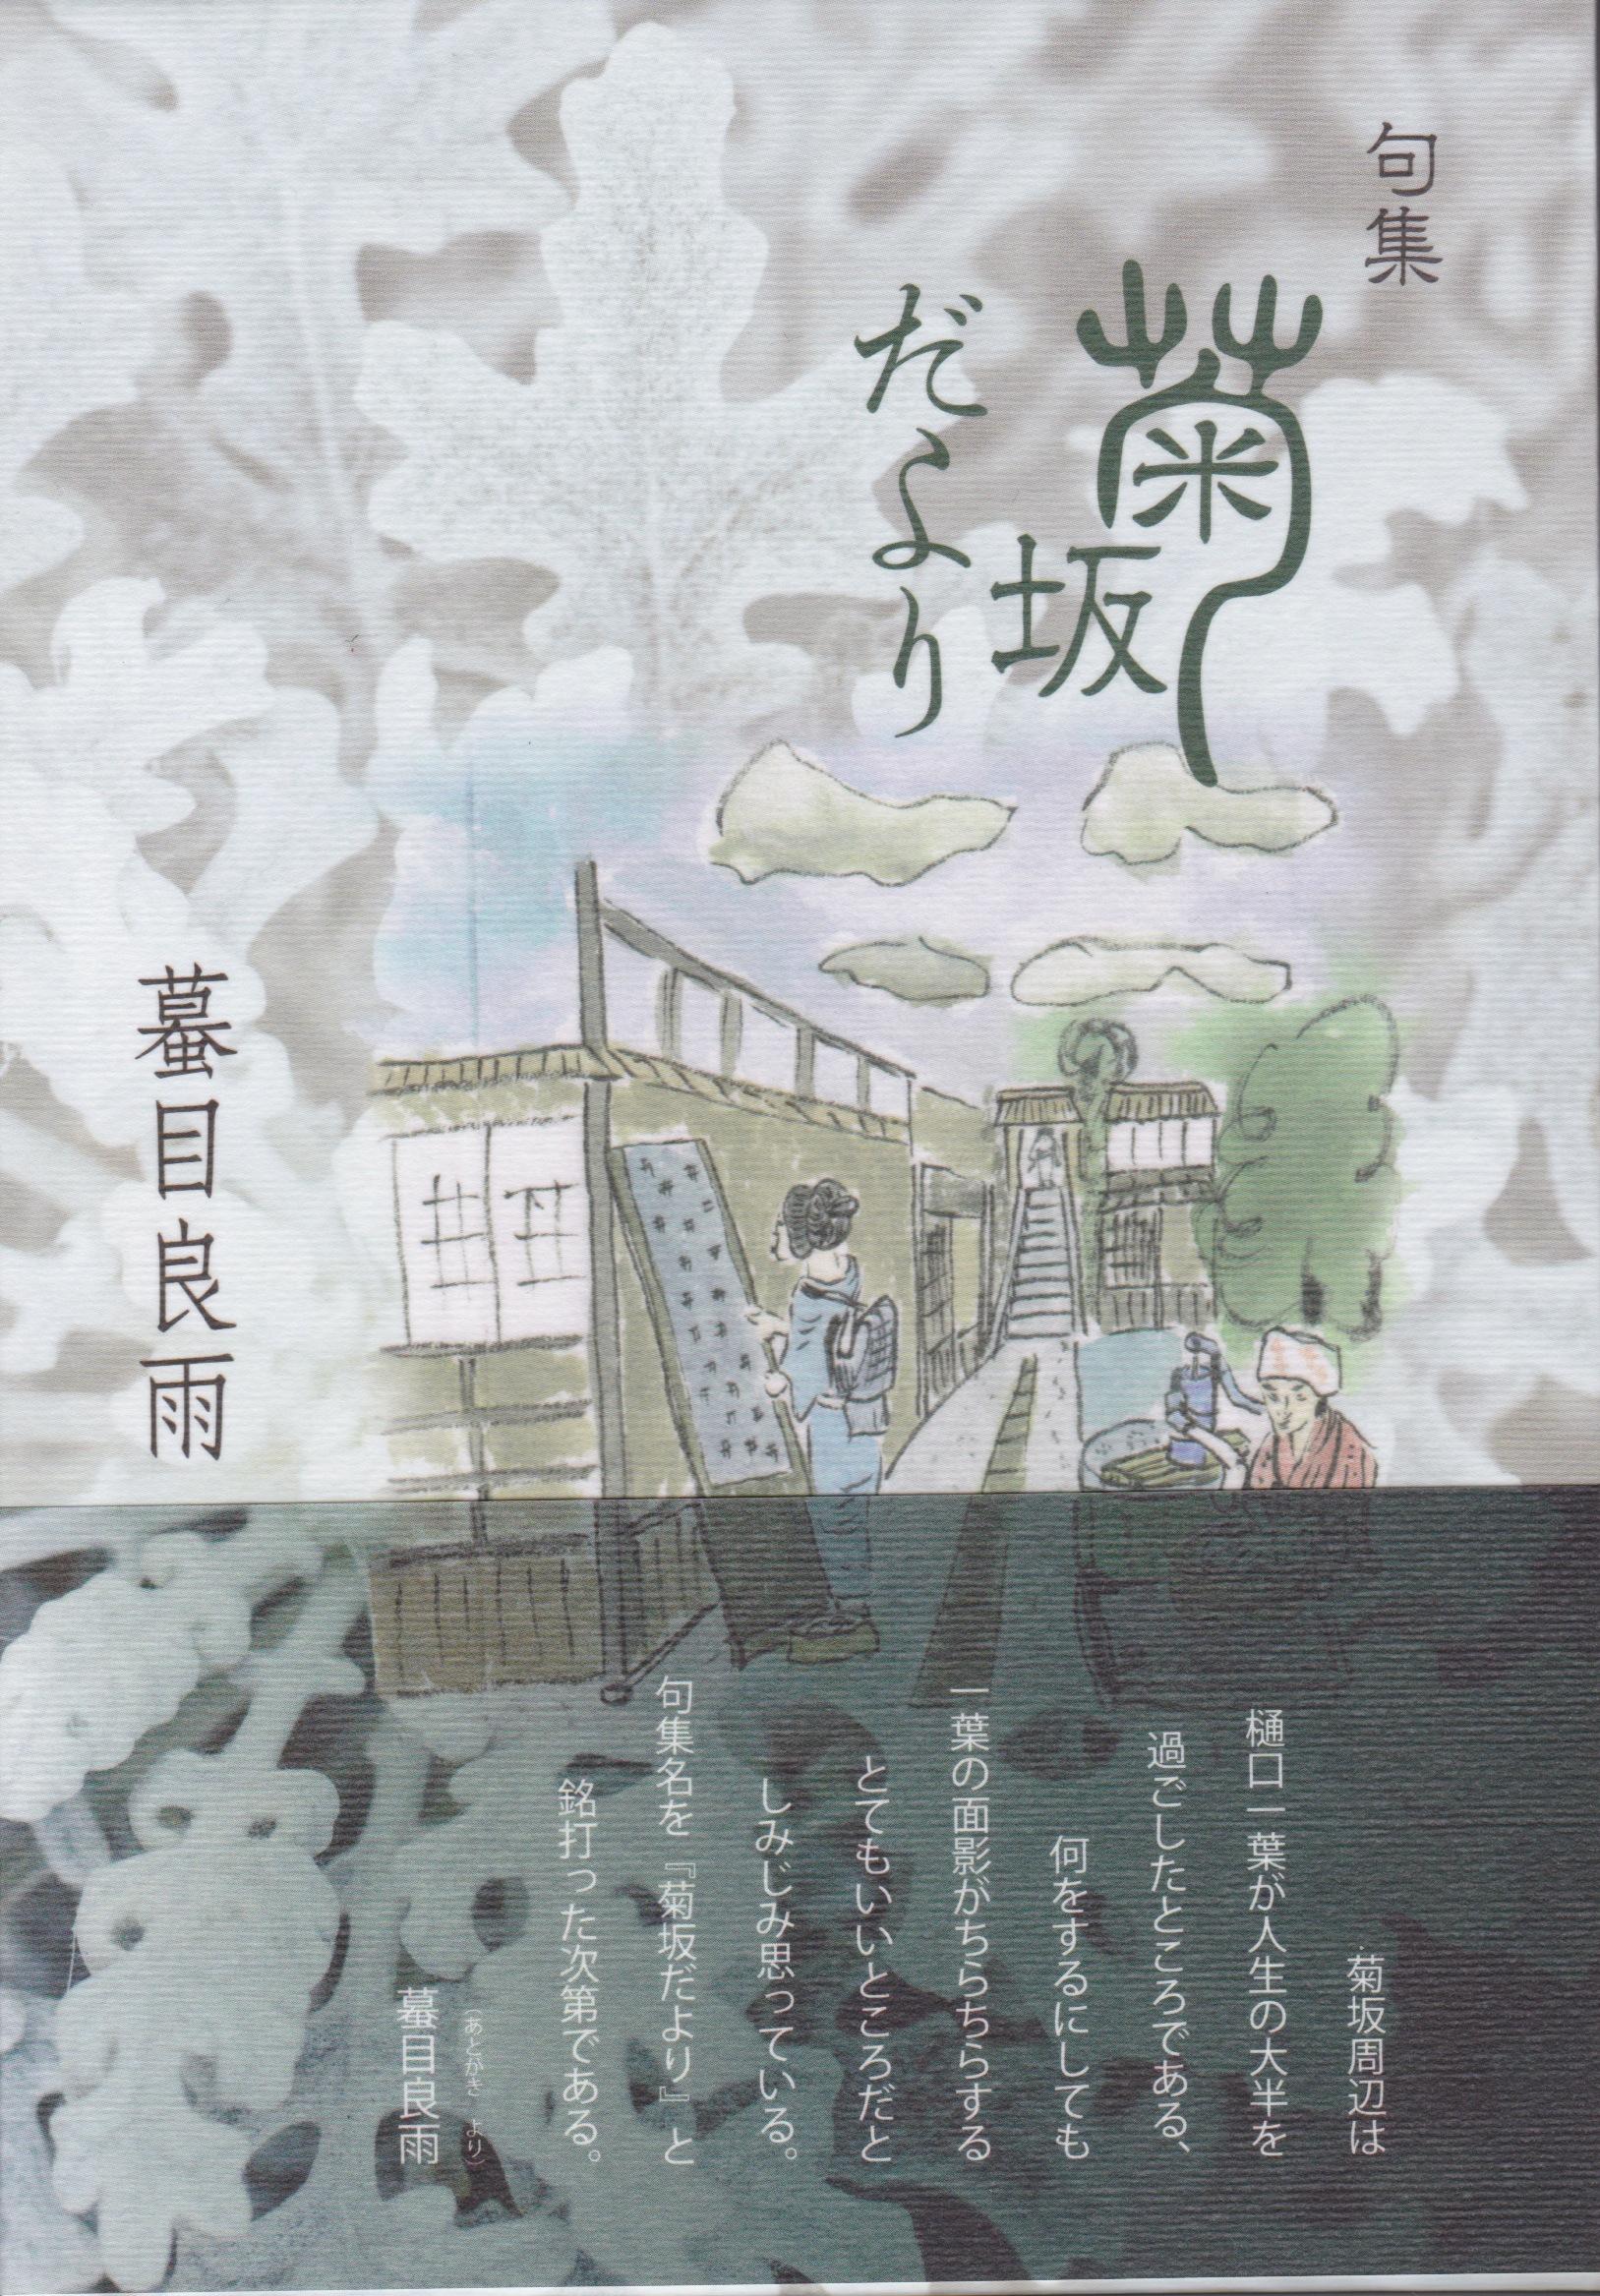 蟇目良雨第三句集『菊坂だより』